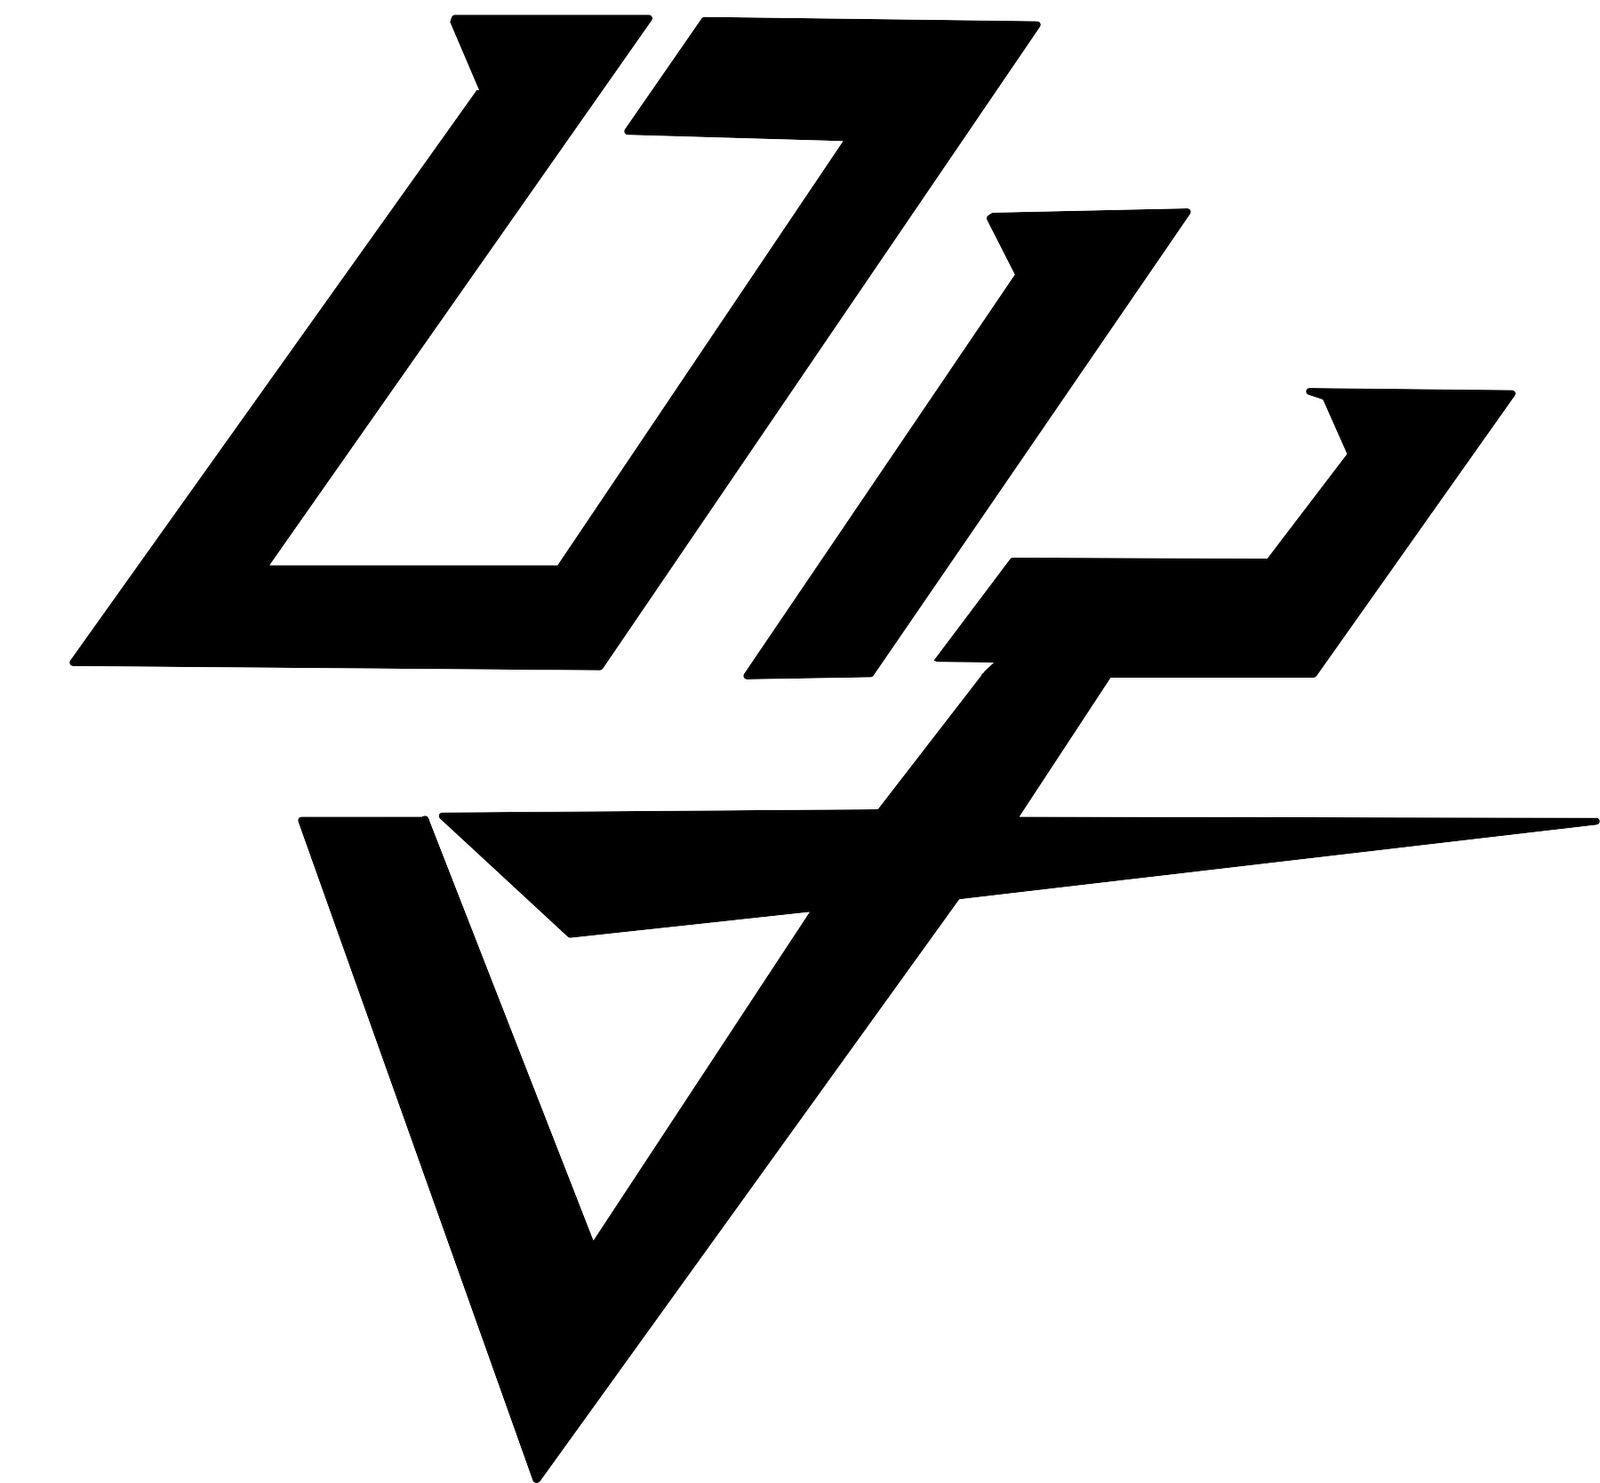 Pin By Beder Sanchez Martinez On Reggue Daddy Yankee Yankees Logo Logo Sticker